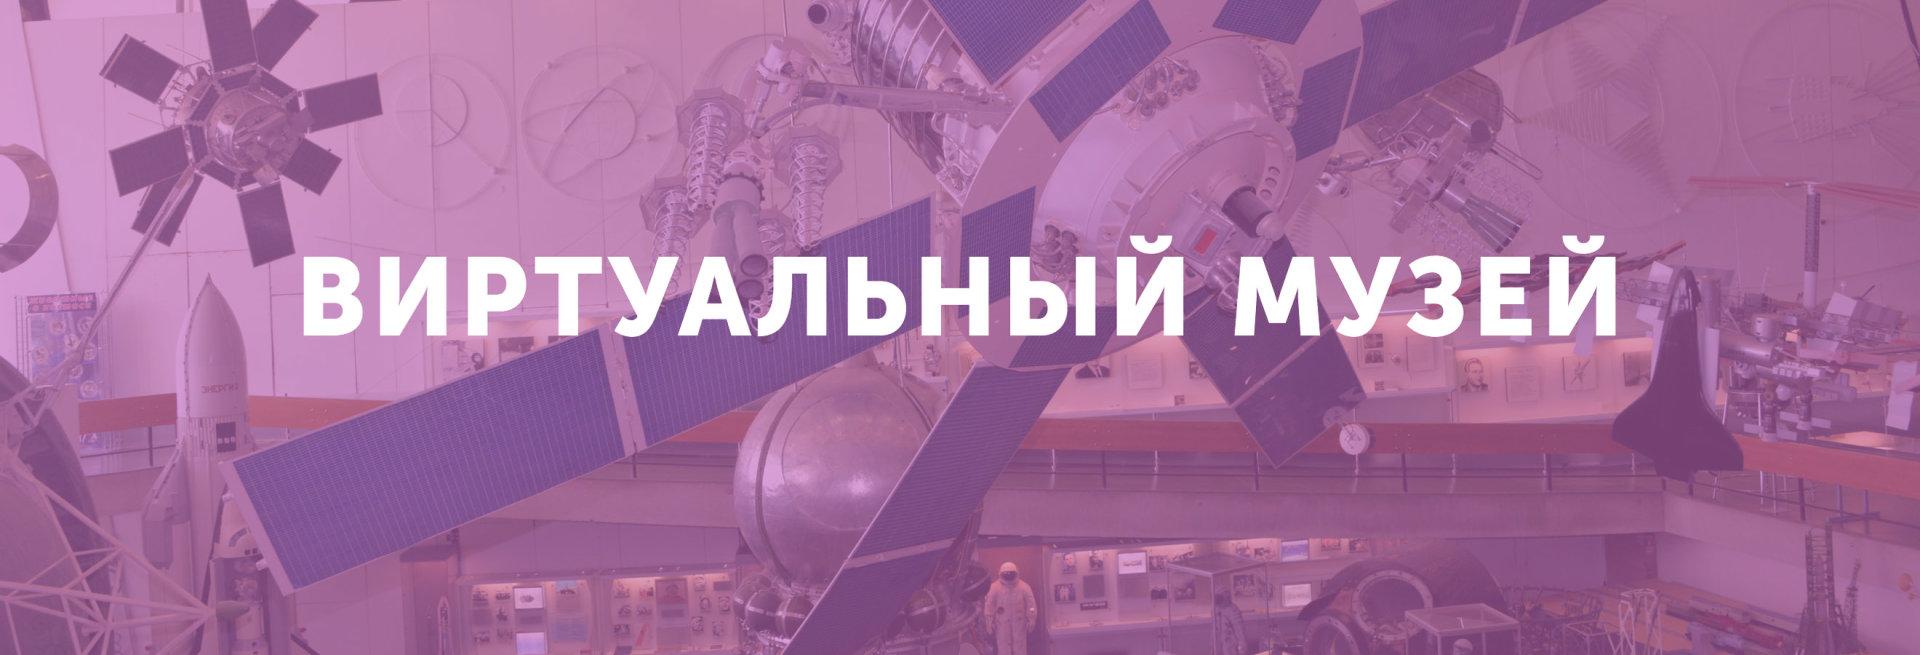 Слайдер Виртуальный музей